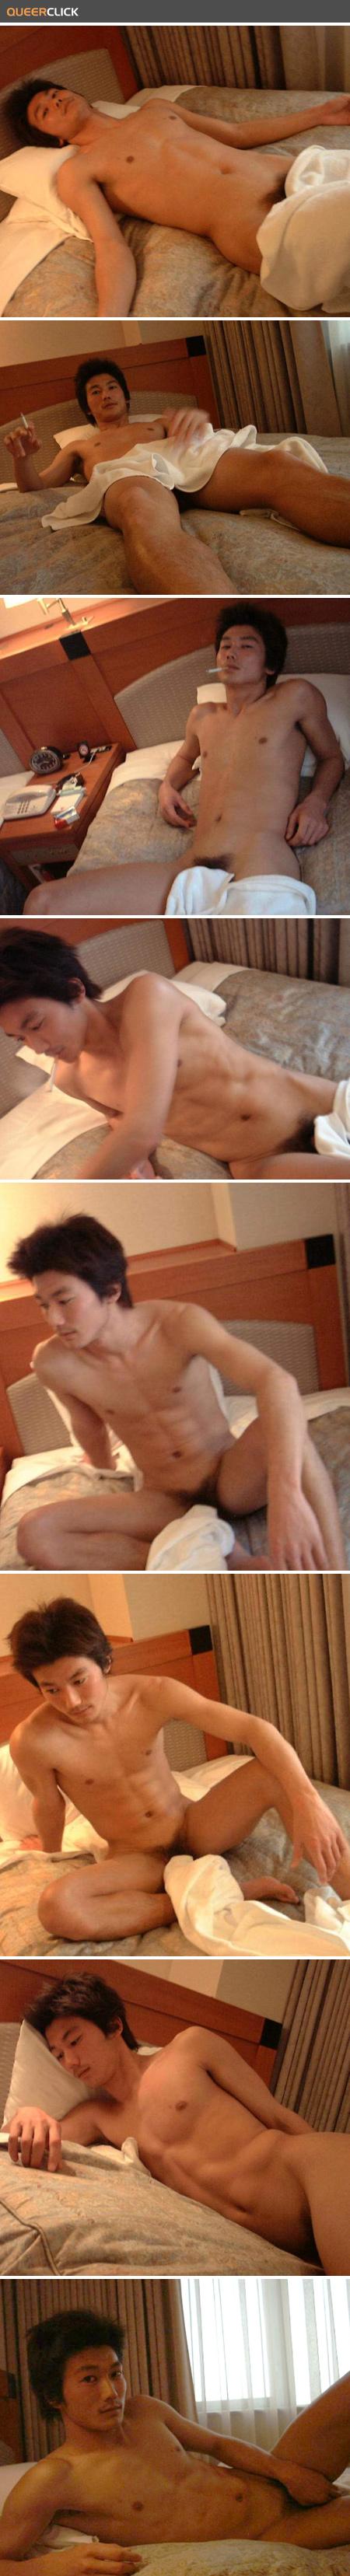 ☆ゲイが気になった画像を貼るスレ☆ Part.43 [無断転載禁止]©bbspink.comYouTube動画>16本 ->画像>2362枚